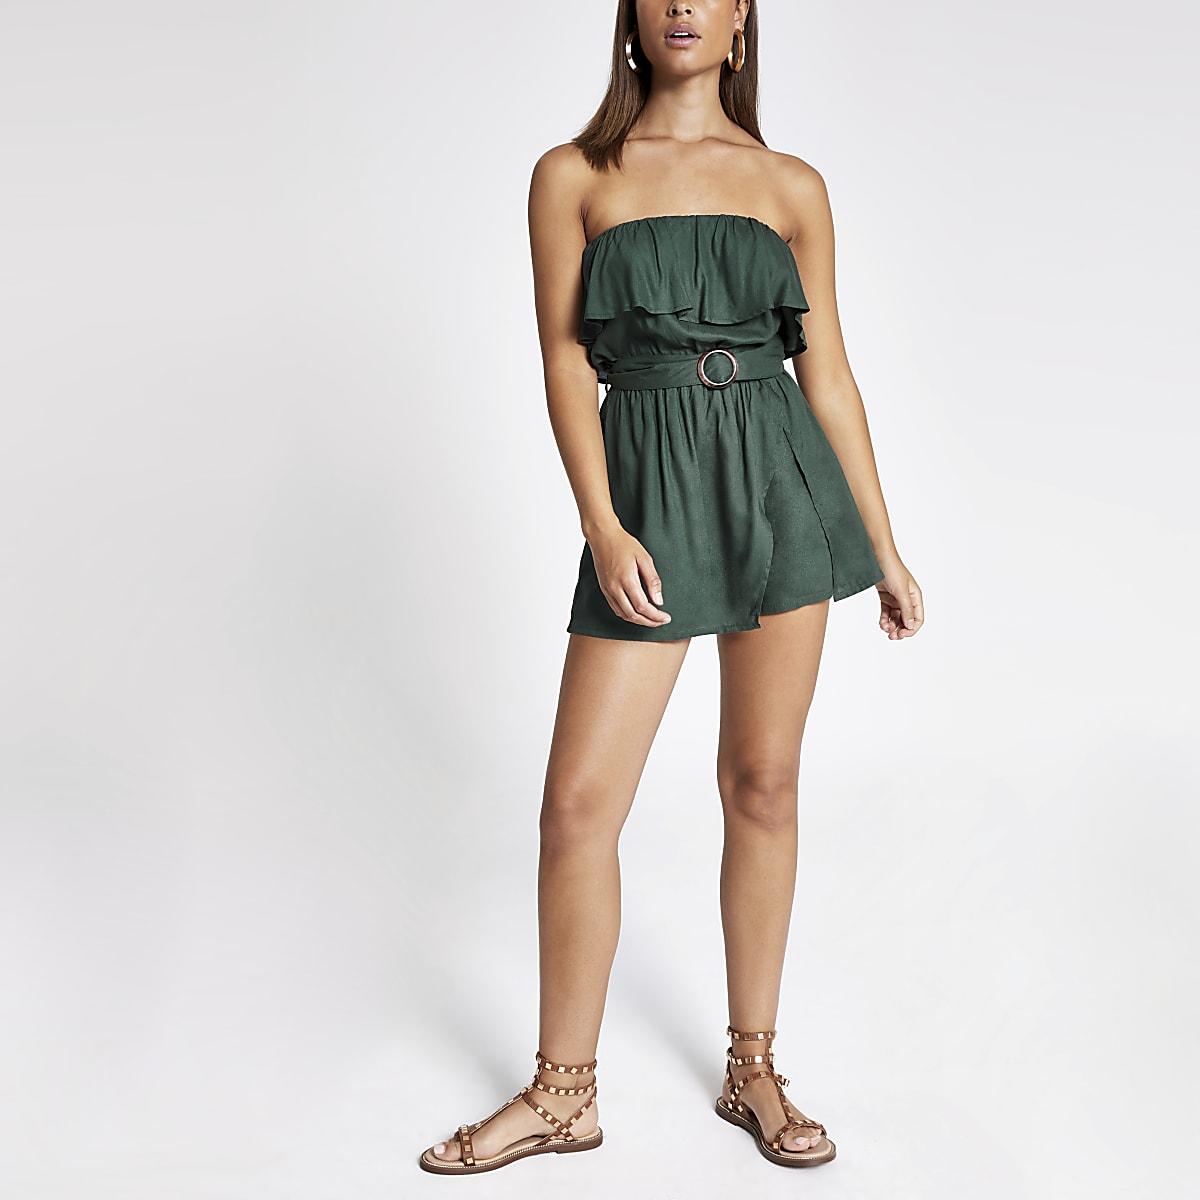 Groene bandeau-strandplaysuit met riem